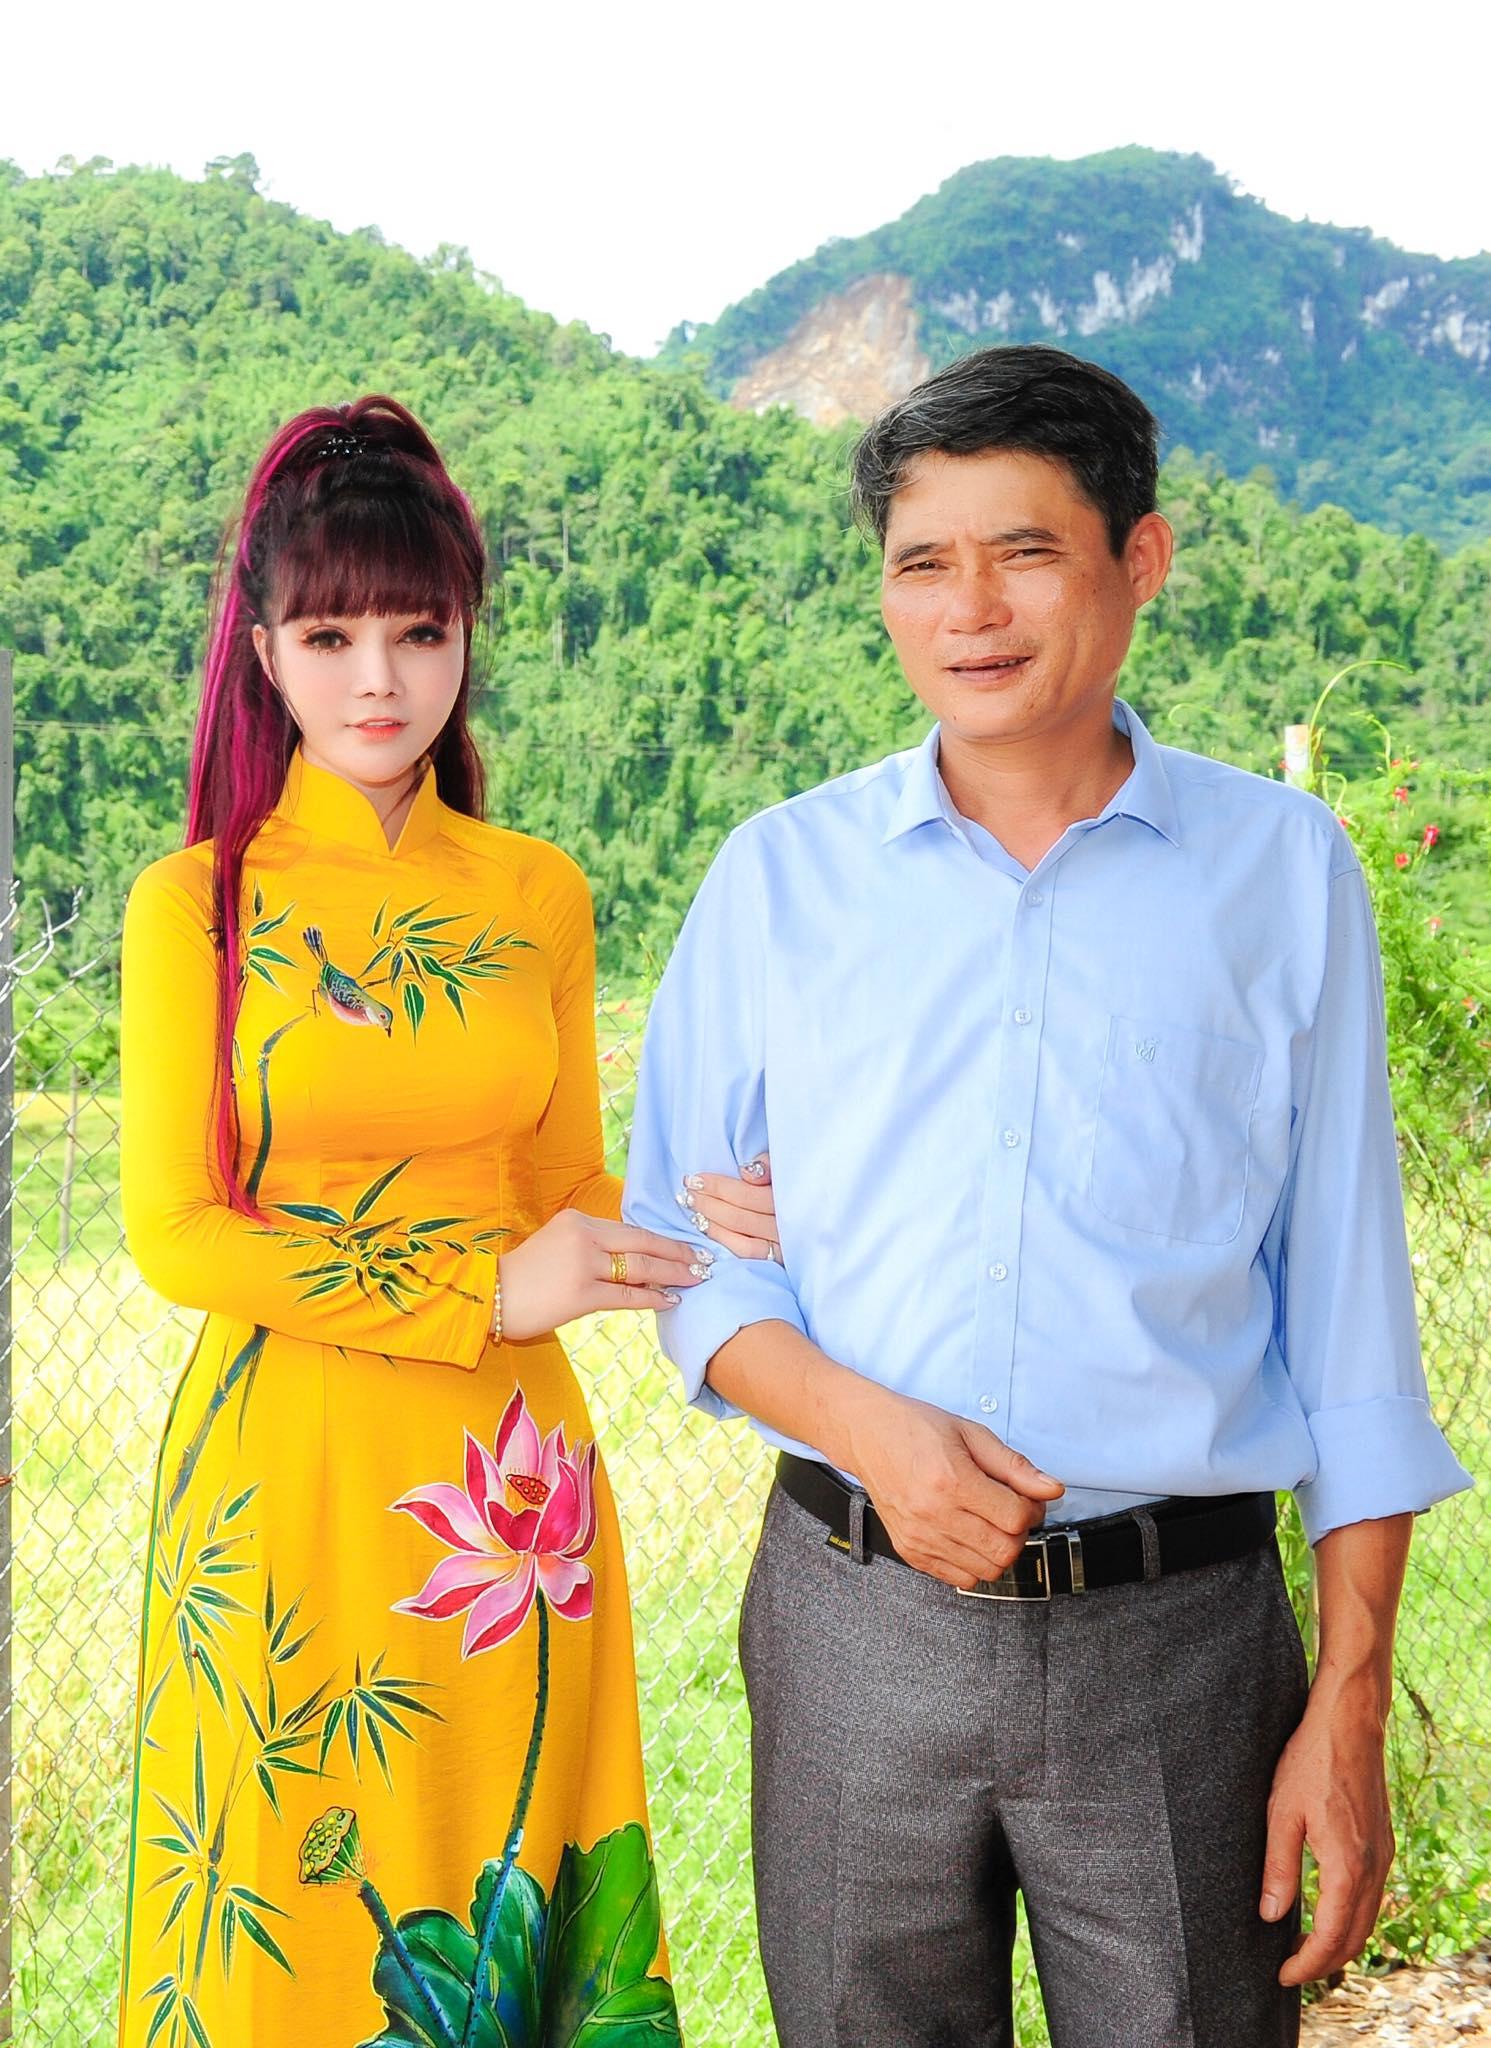 Hoa hậu Hà Thu Trang: Hoa hậu đẹp từ tâm trong lòng mọi người  - Ảnh 3